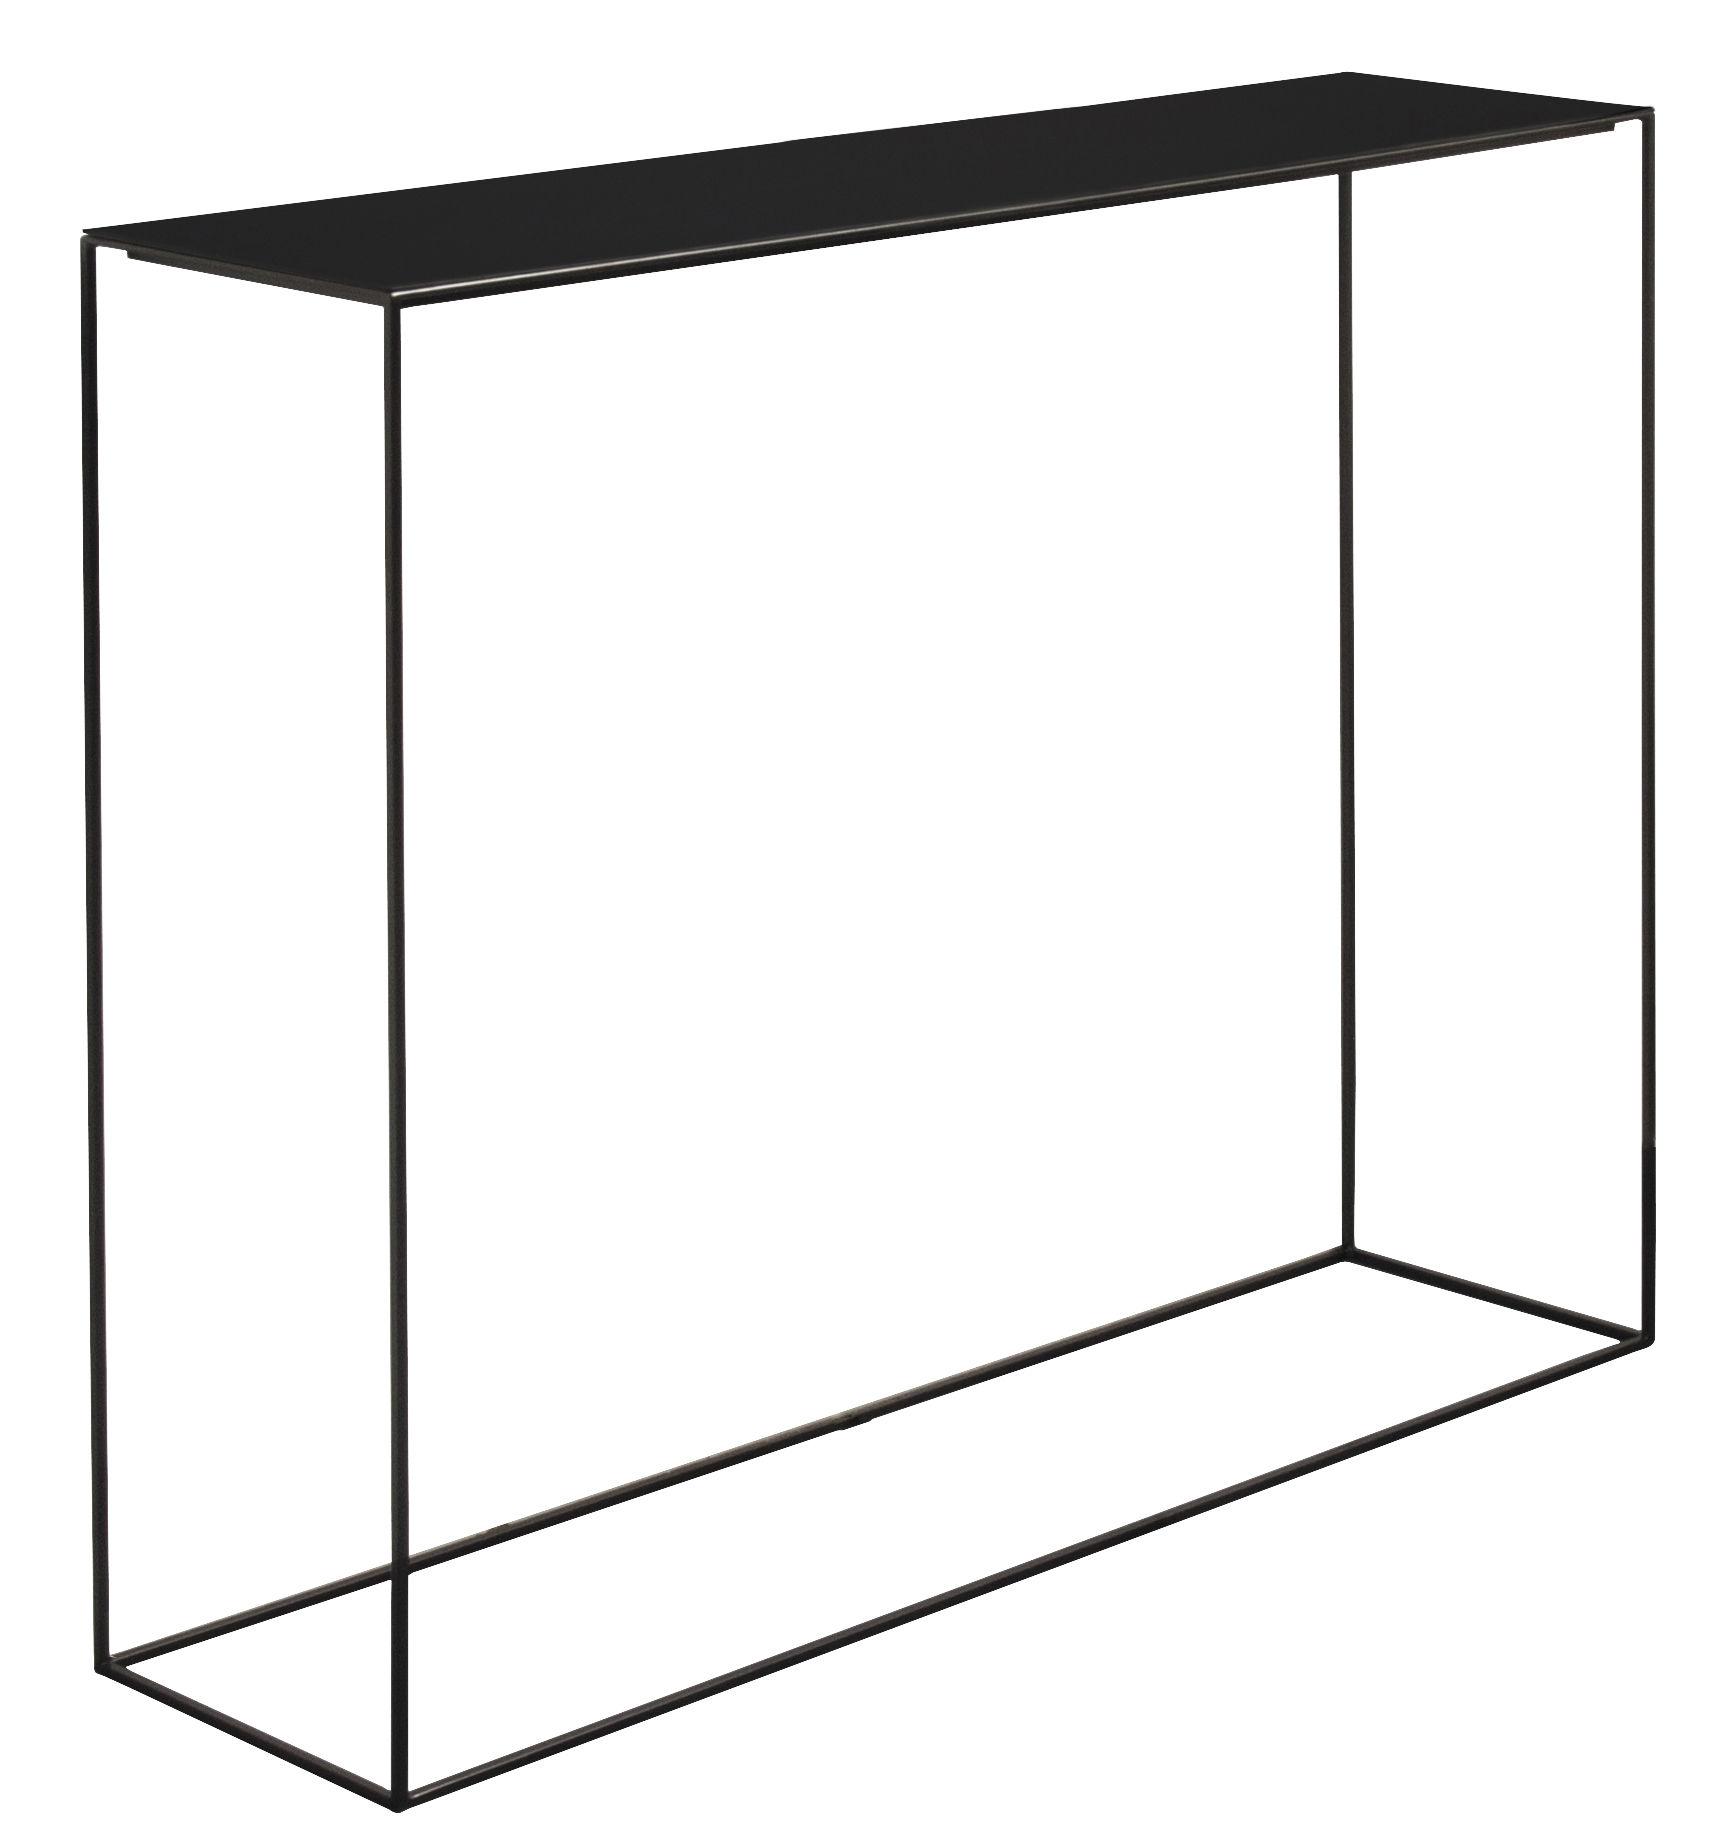 Mobilier - Consoles - Console Slim Irony / L 124 cm - Zeus - Plateau noir cuivré / Pied noir cuivré - Acier peint